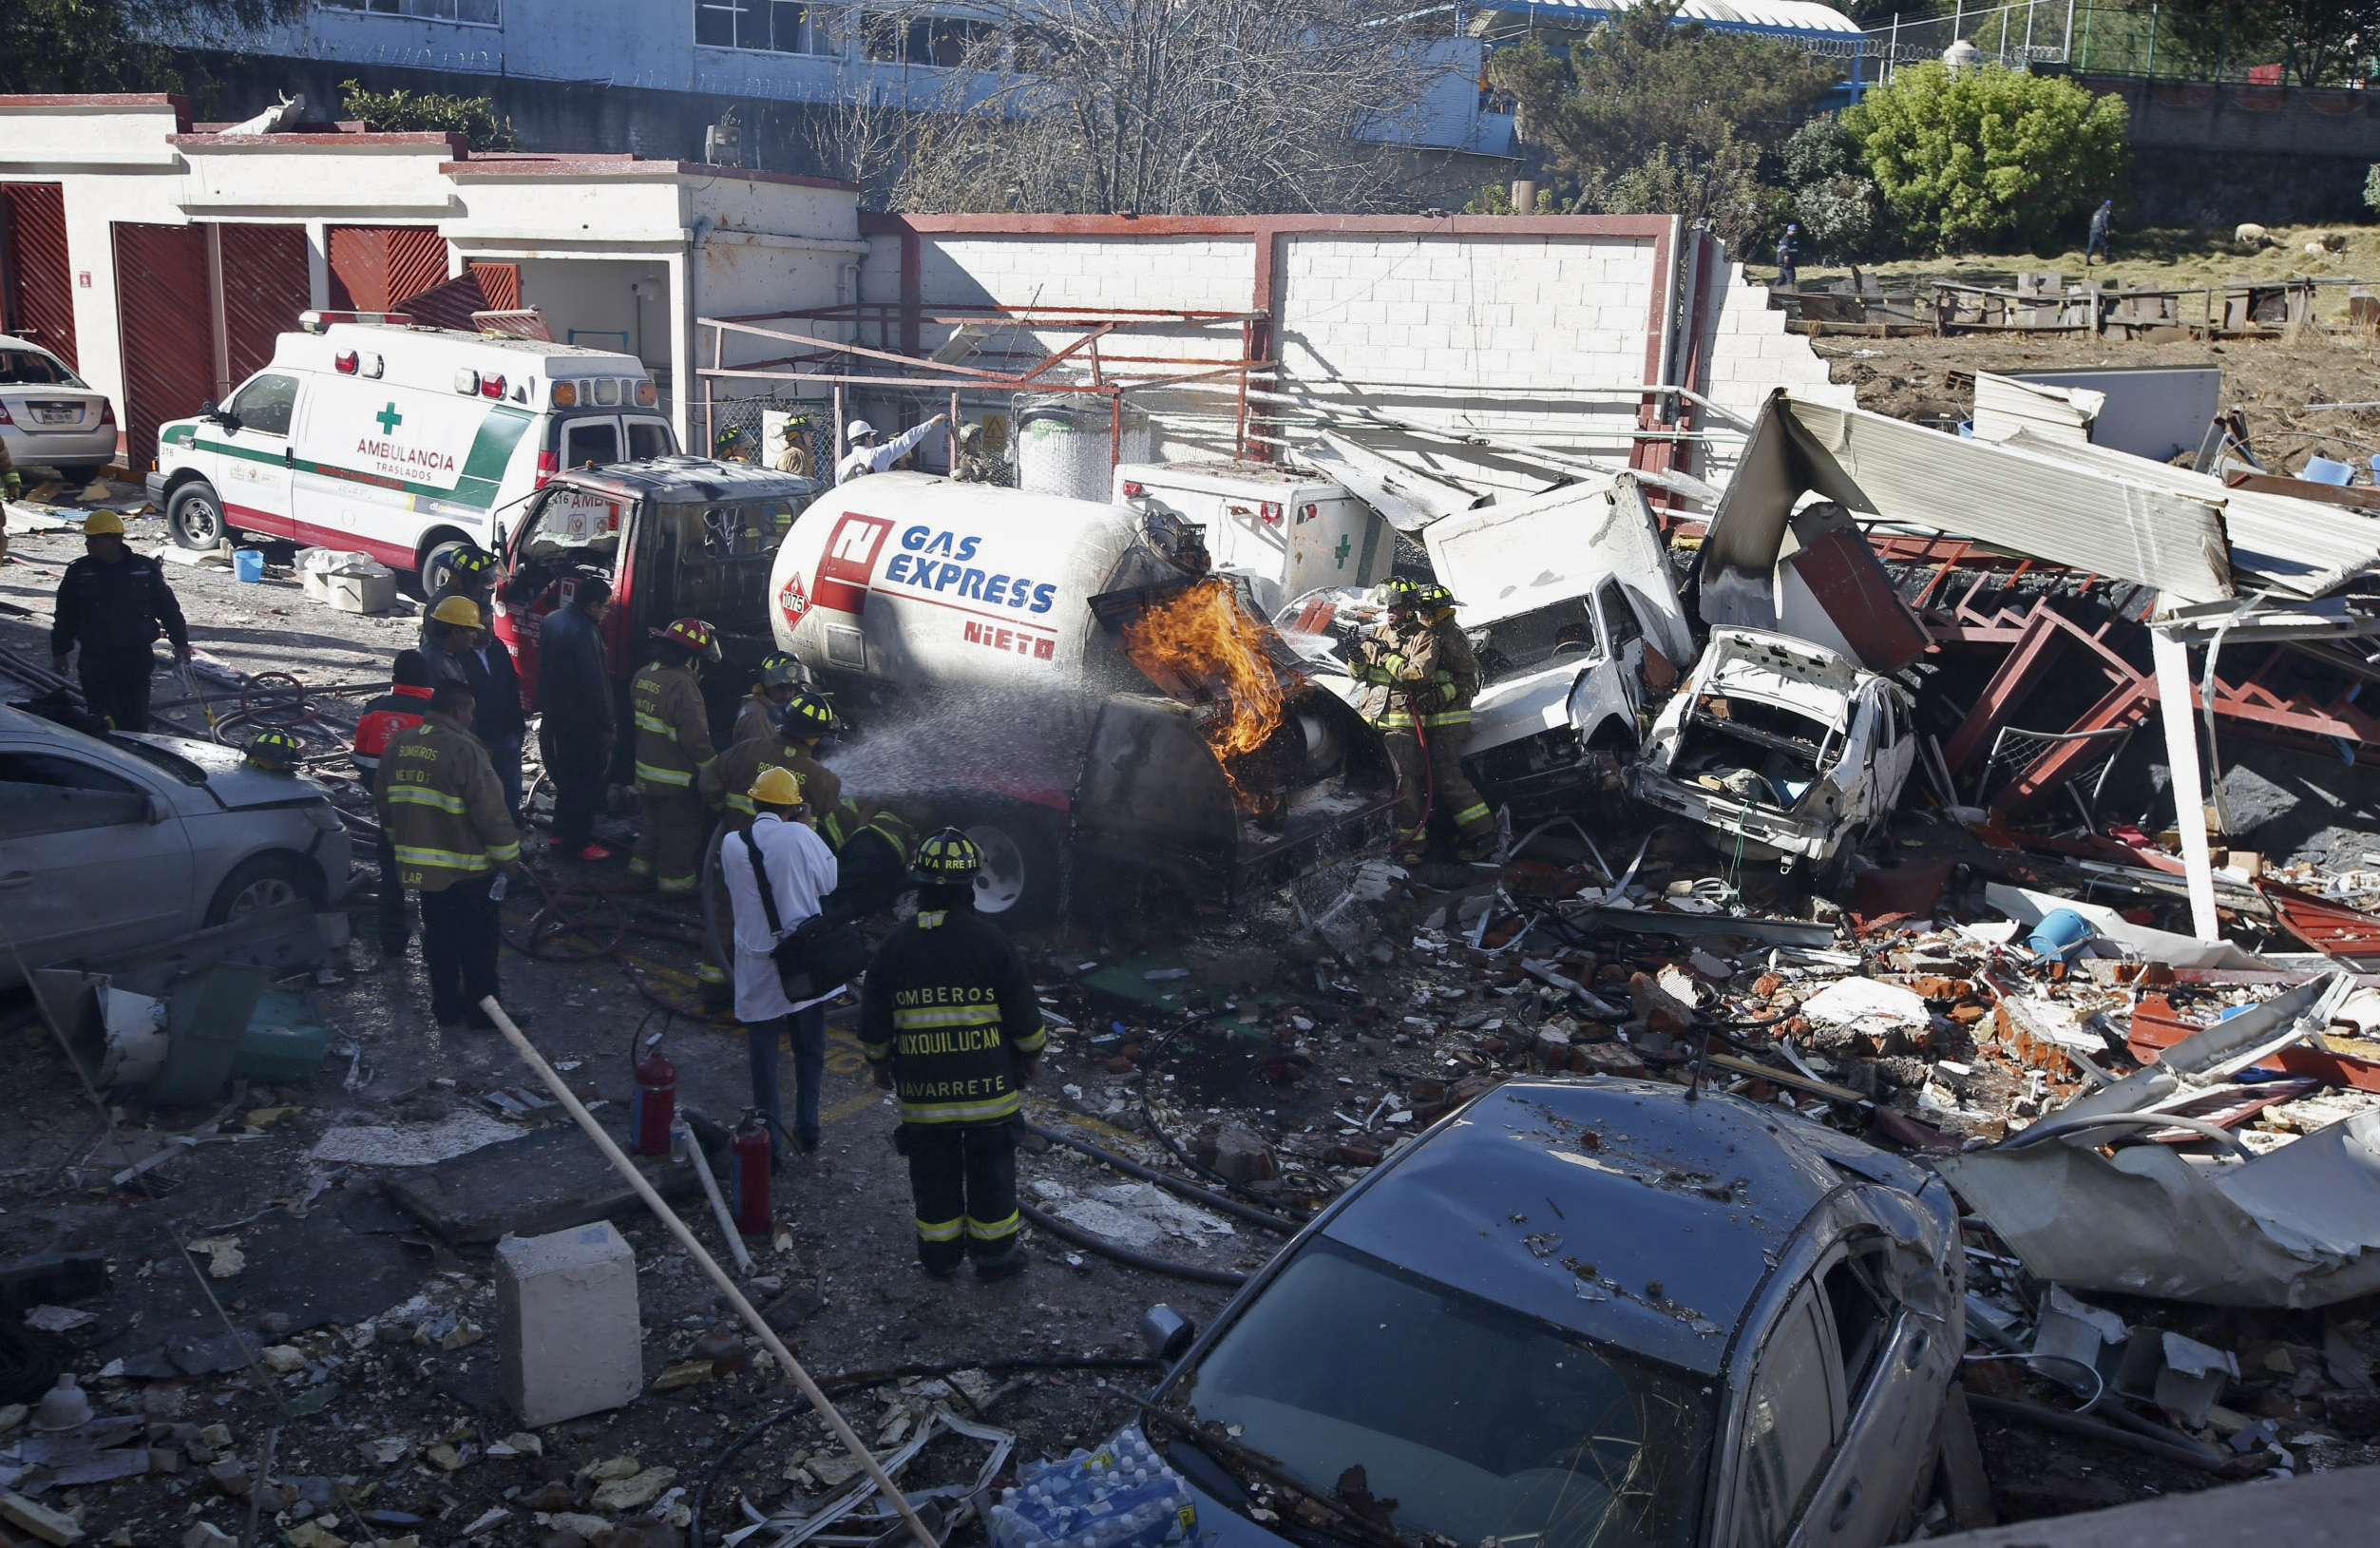 Una fuerte explosión de gas ocurrida hoy en un hospital materno infantil en Ciudad de México dejó al menos siete muertos, tres de ellos bebés, y 50 heridos, informaron hoy las autoridades, que no descartan que aún haya personas bajo los escombros. Foto: AP en español